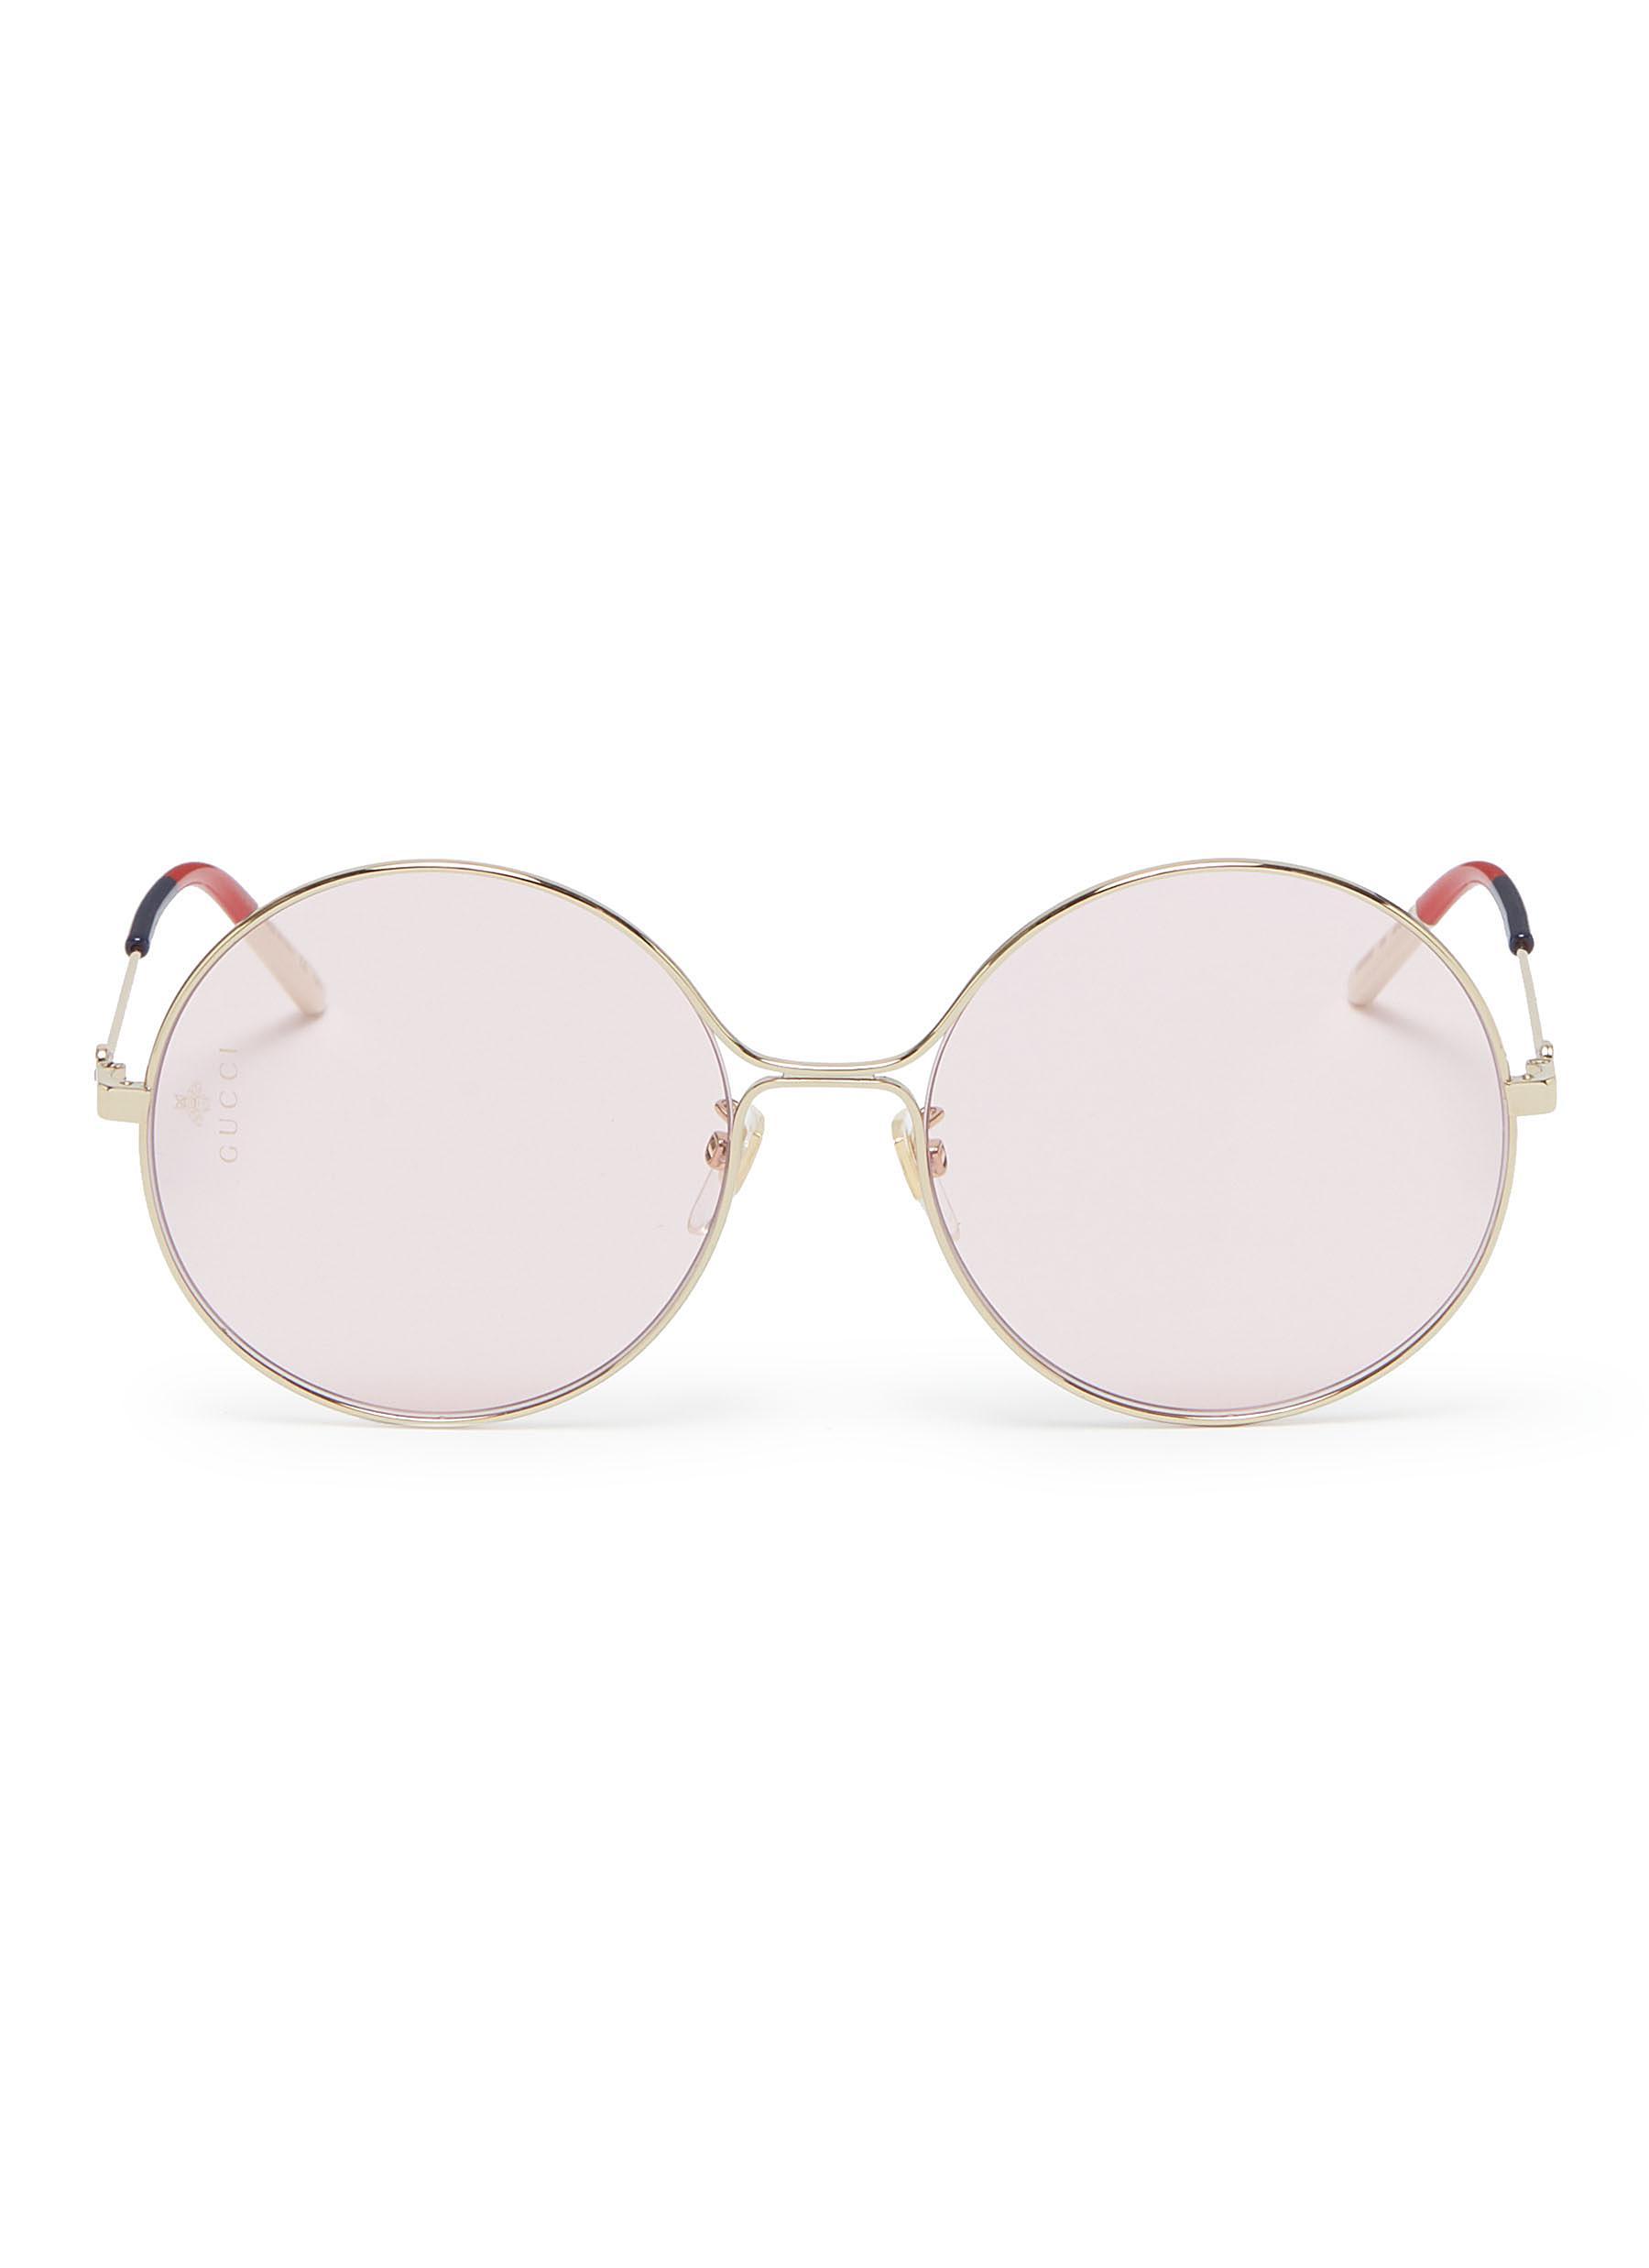 f525efcc9e Gucci. Metal round sunglasses